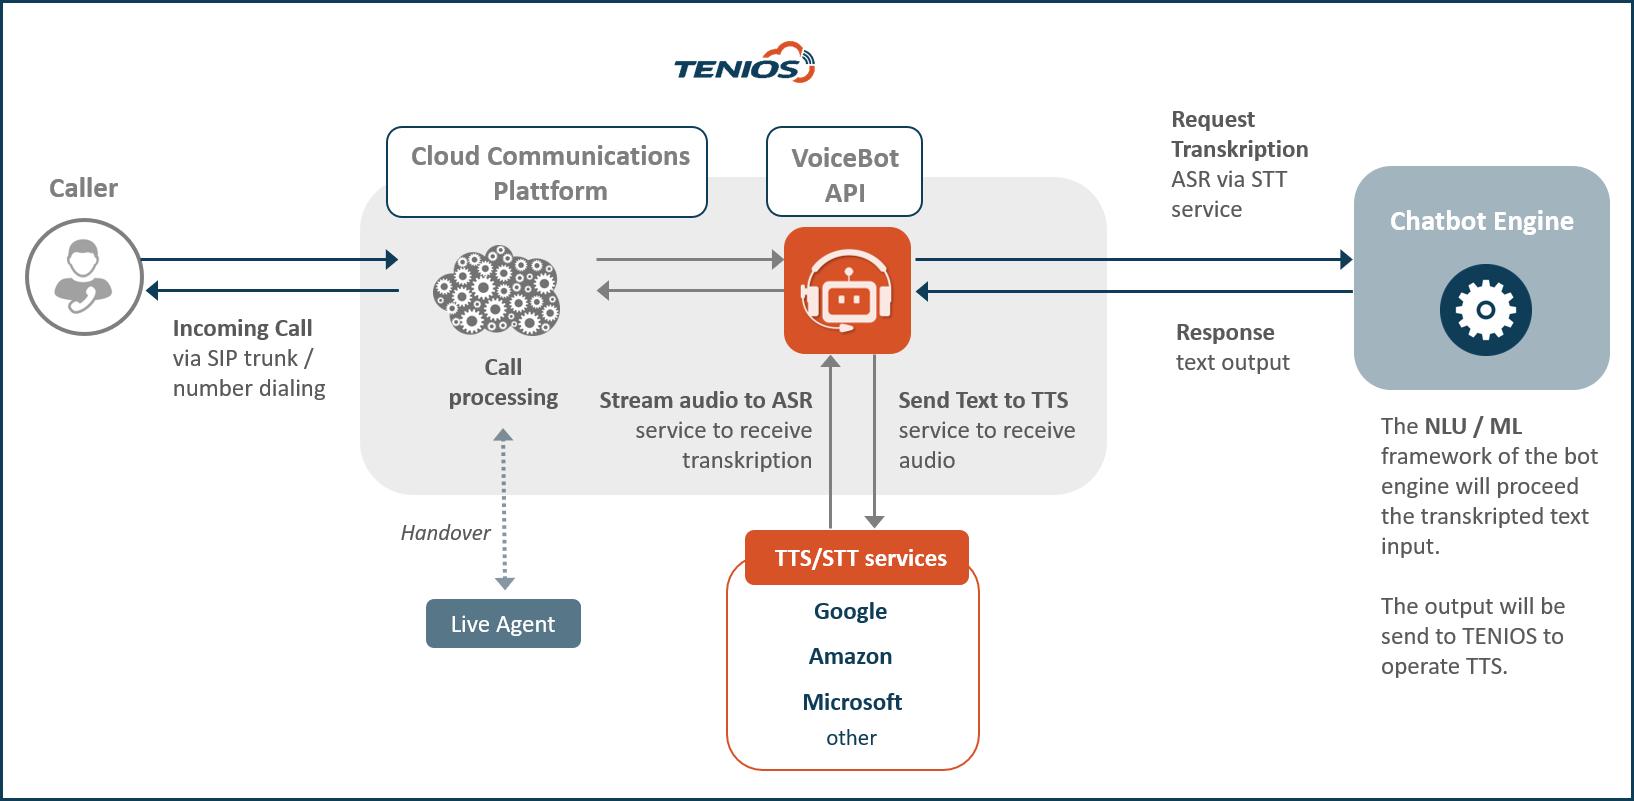 VoiceBot API Requests en